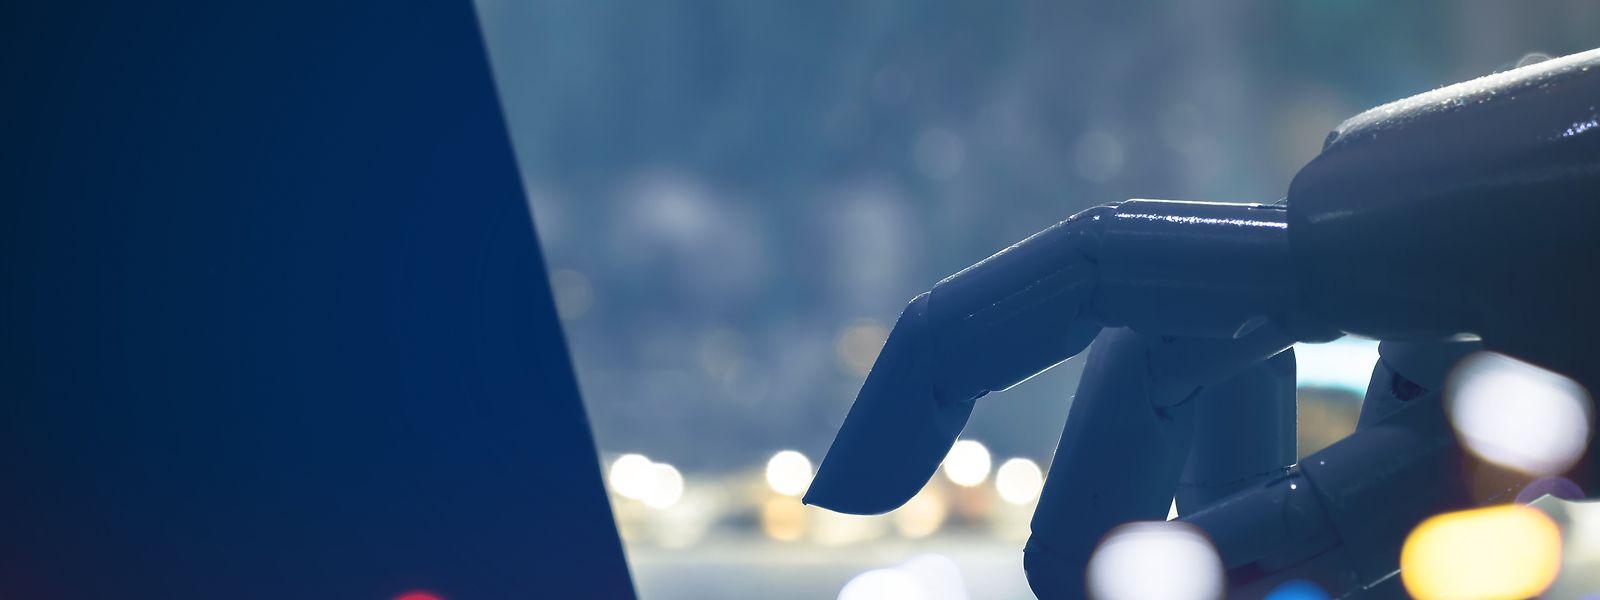 37 % des répondants ont déjà mis en œuvre des projets d'intelligence artificielle dans leurs entreprises, selon l'étude de PwC présentée ce lundi.